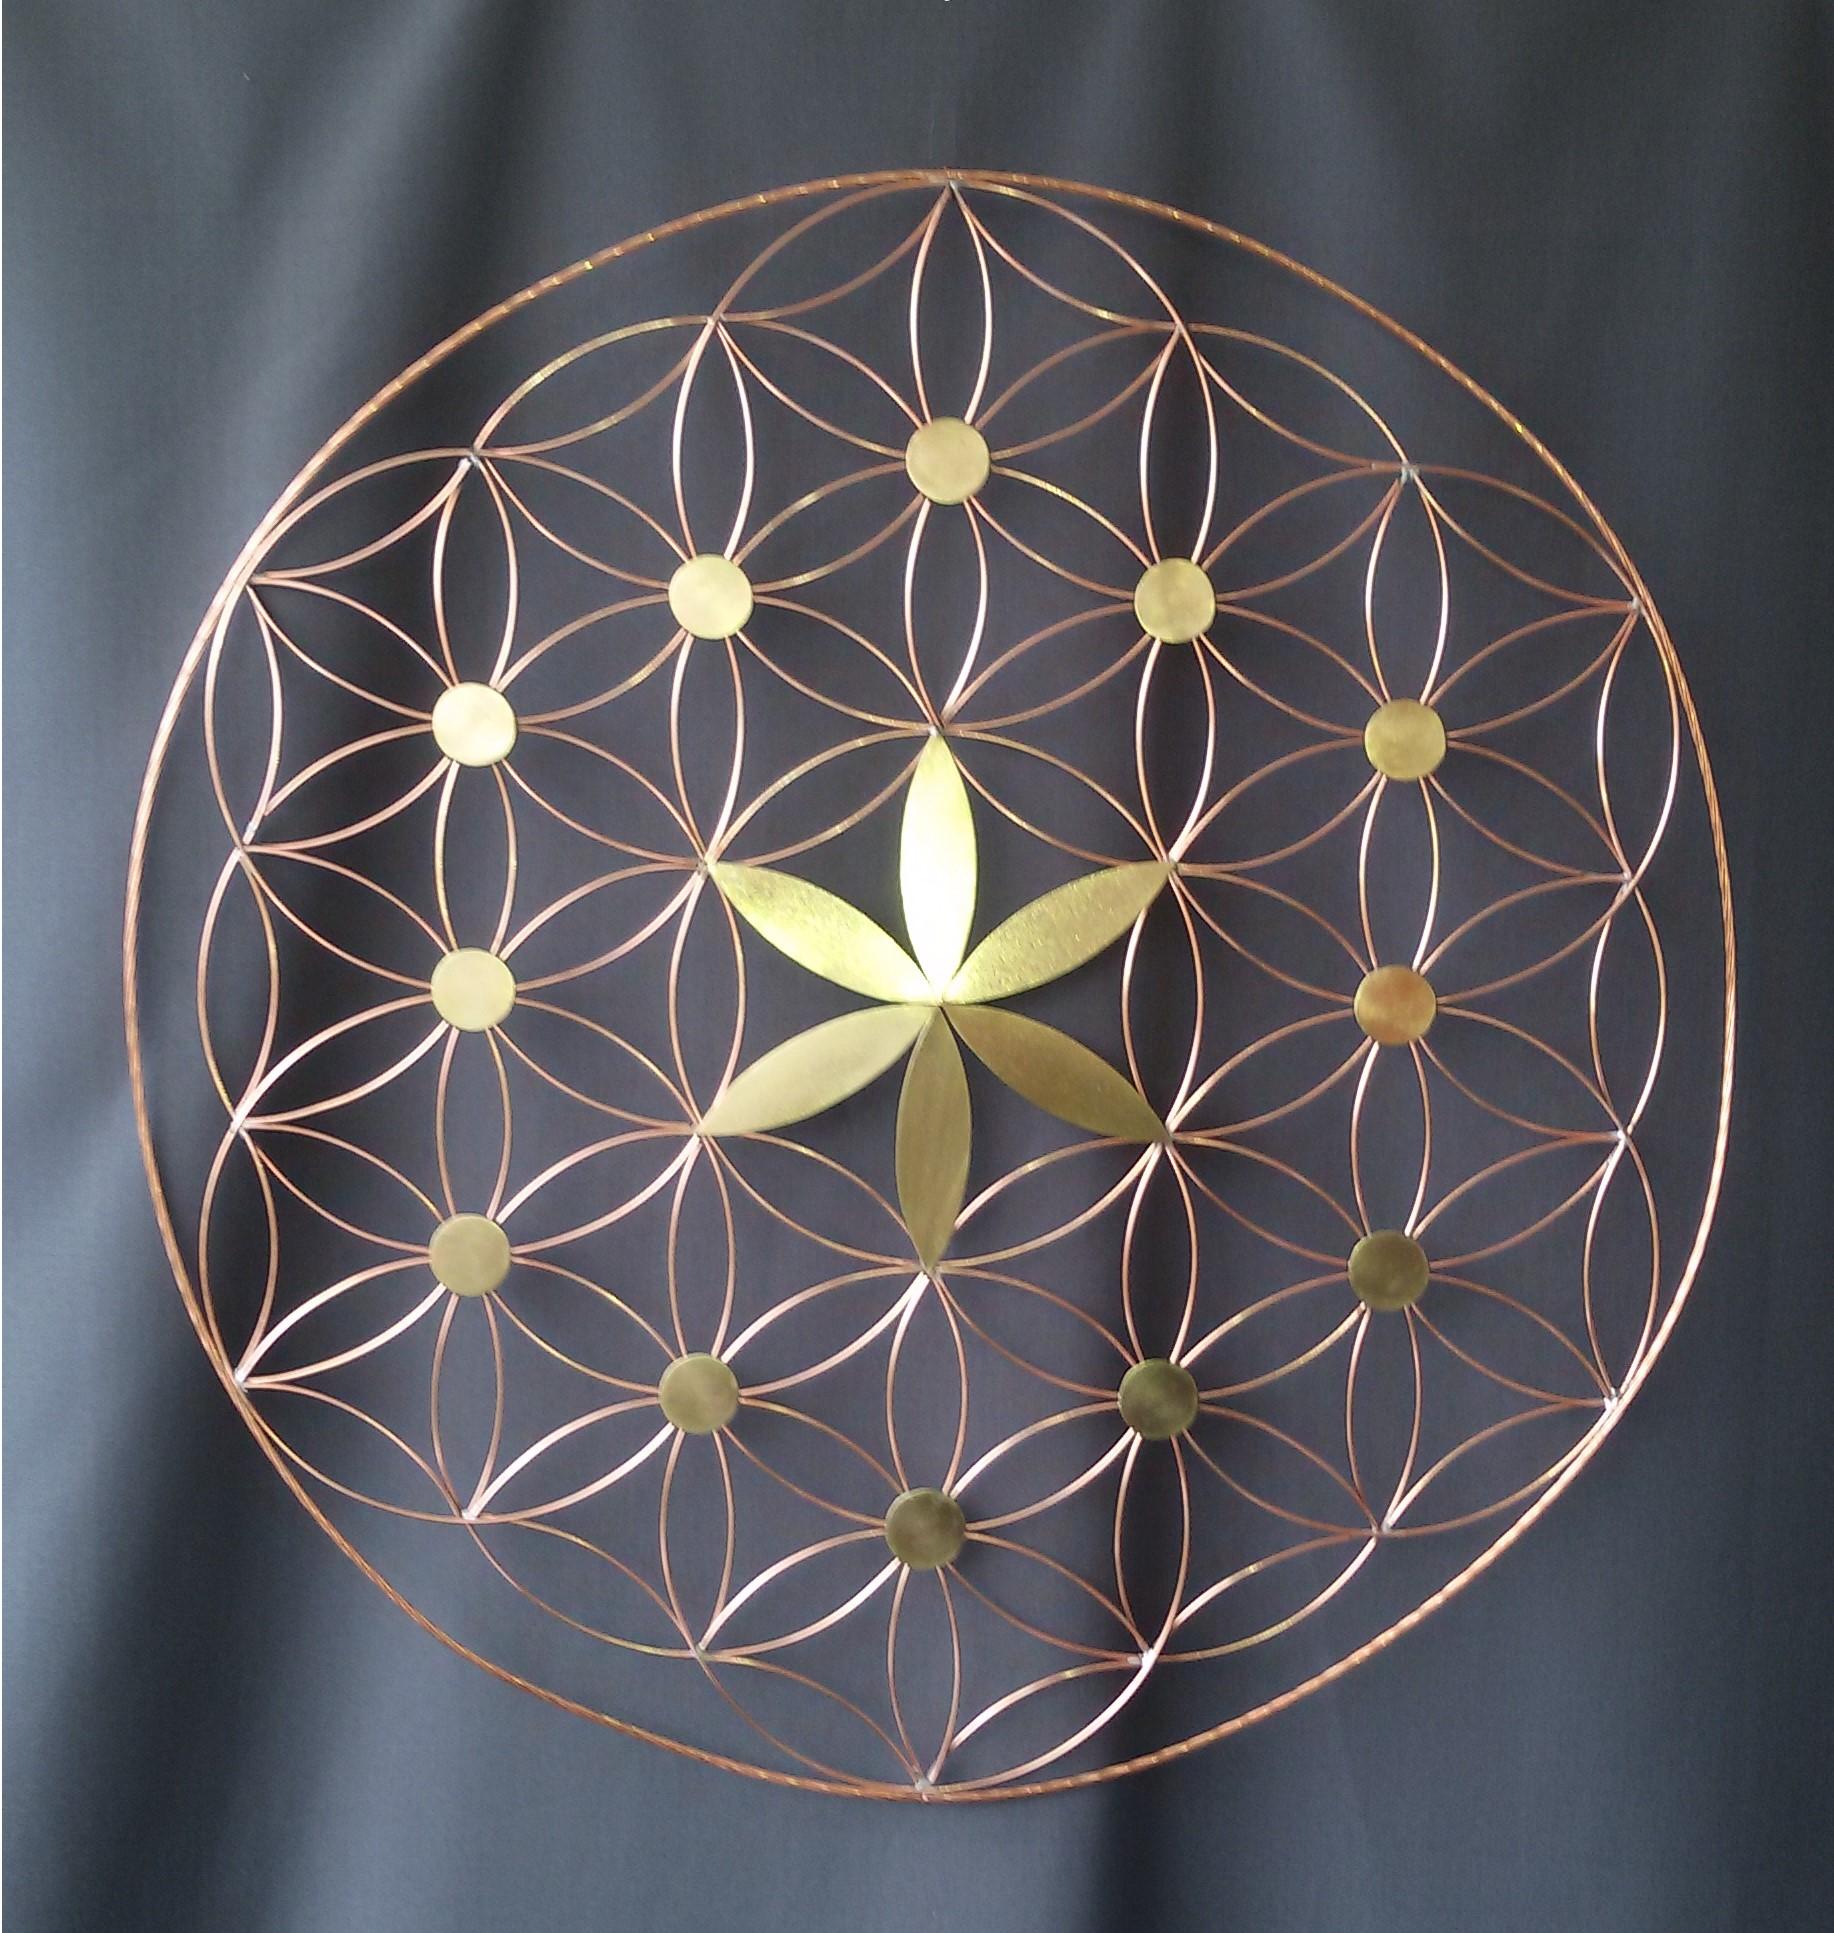 création artisanale décoration, création vibratoire, fleur de vie